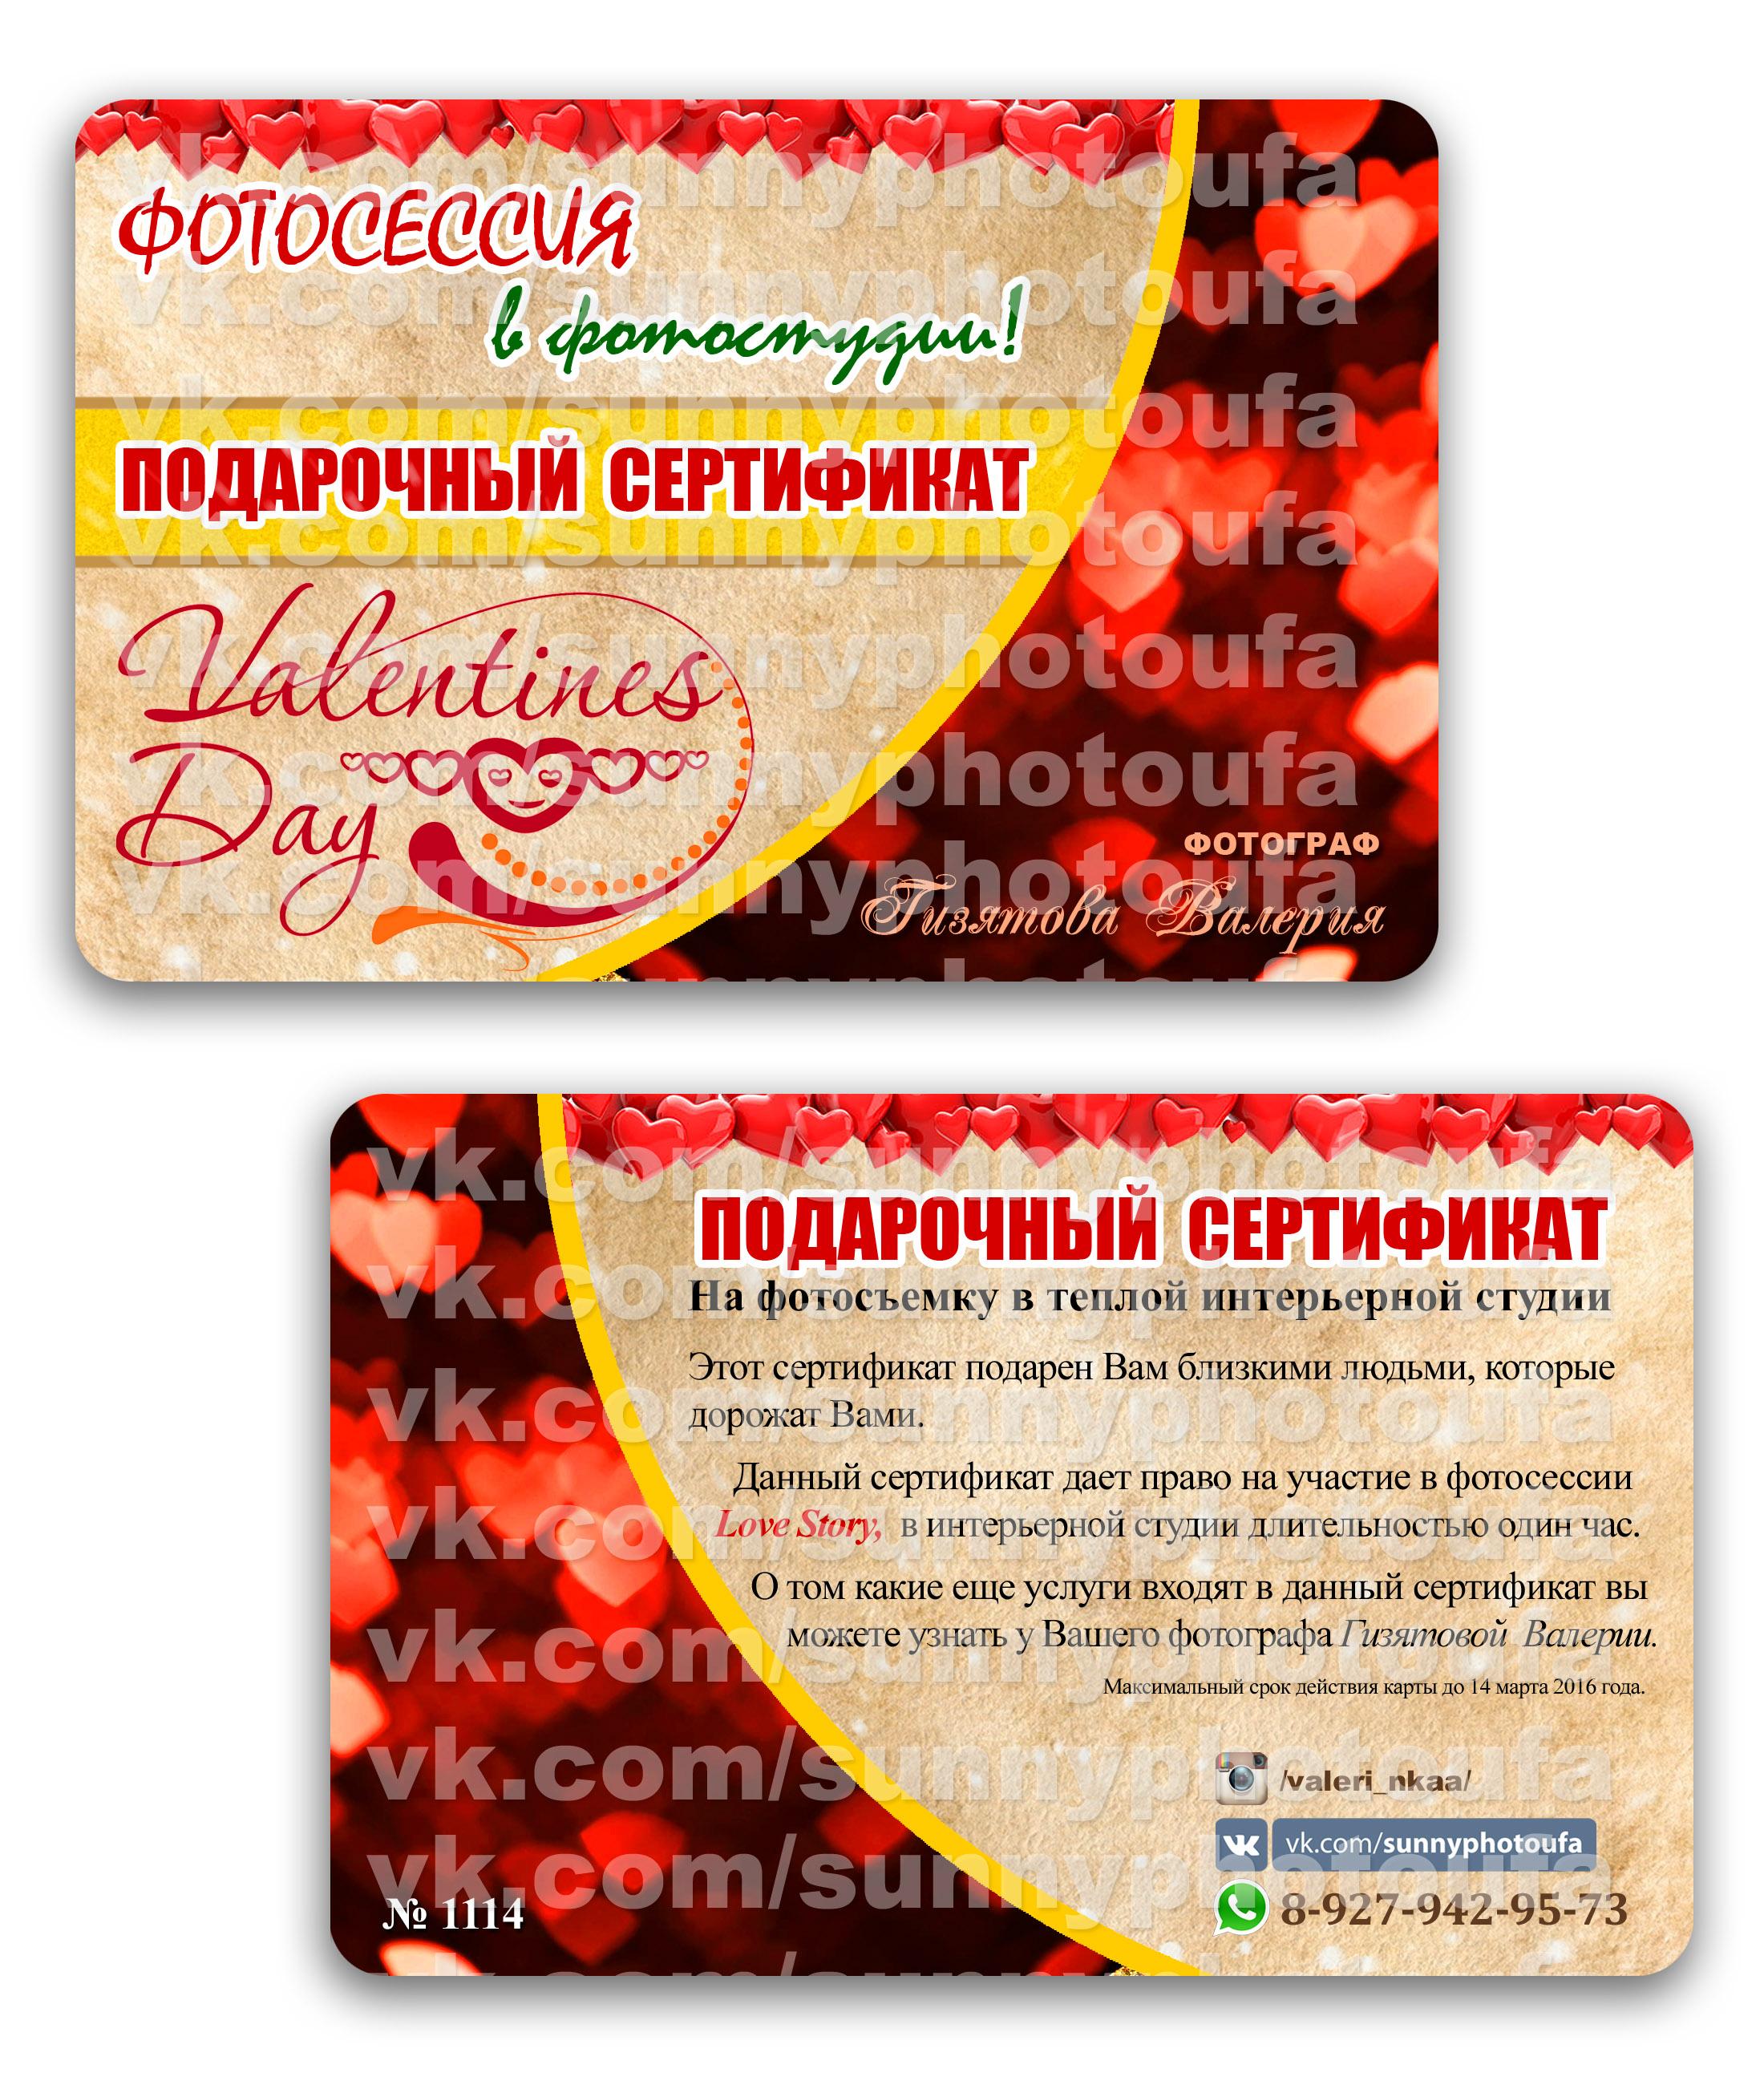 Подарочный сертификат на фотосессию на 14 февраля